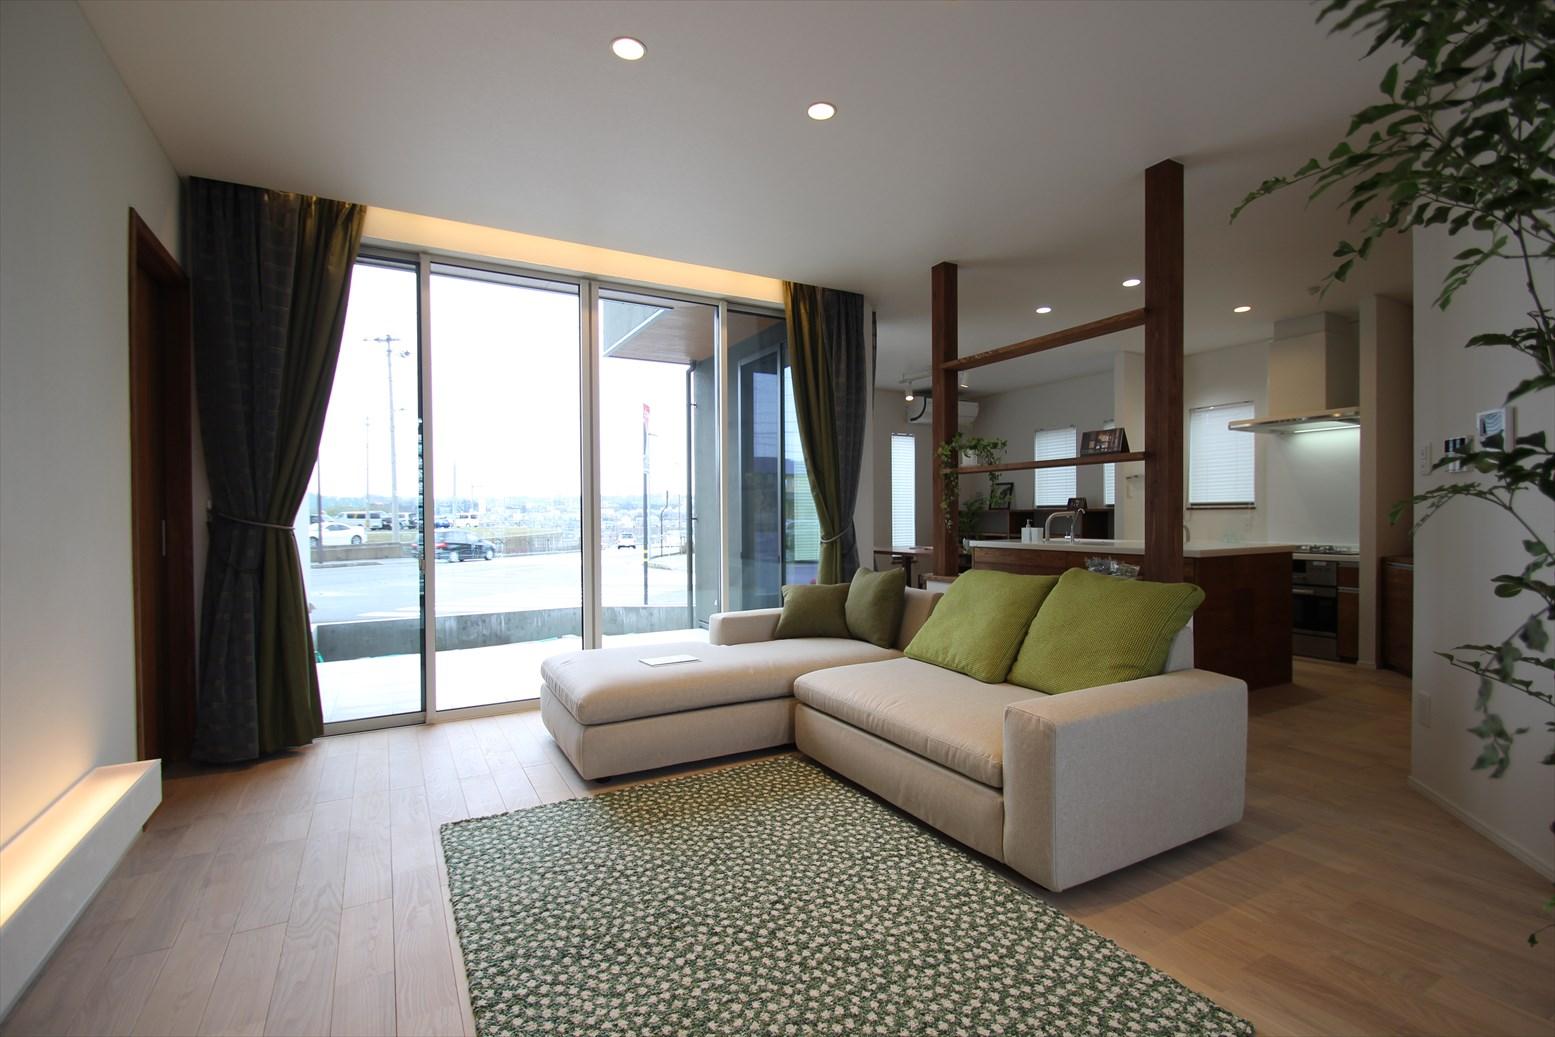 眺望を楽しむリゾートスタイルの家